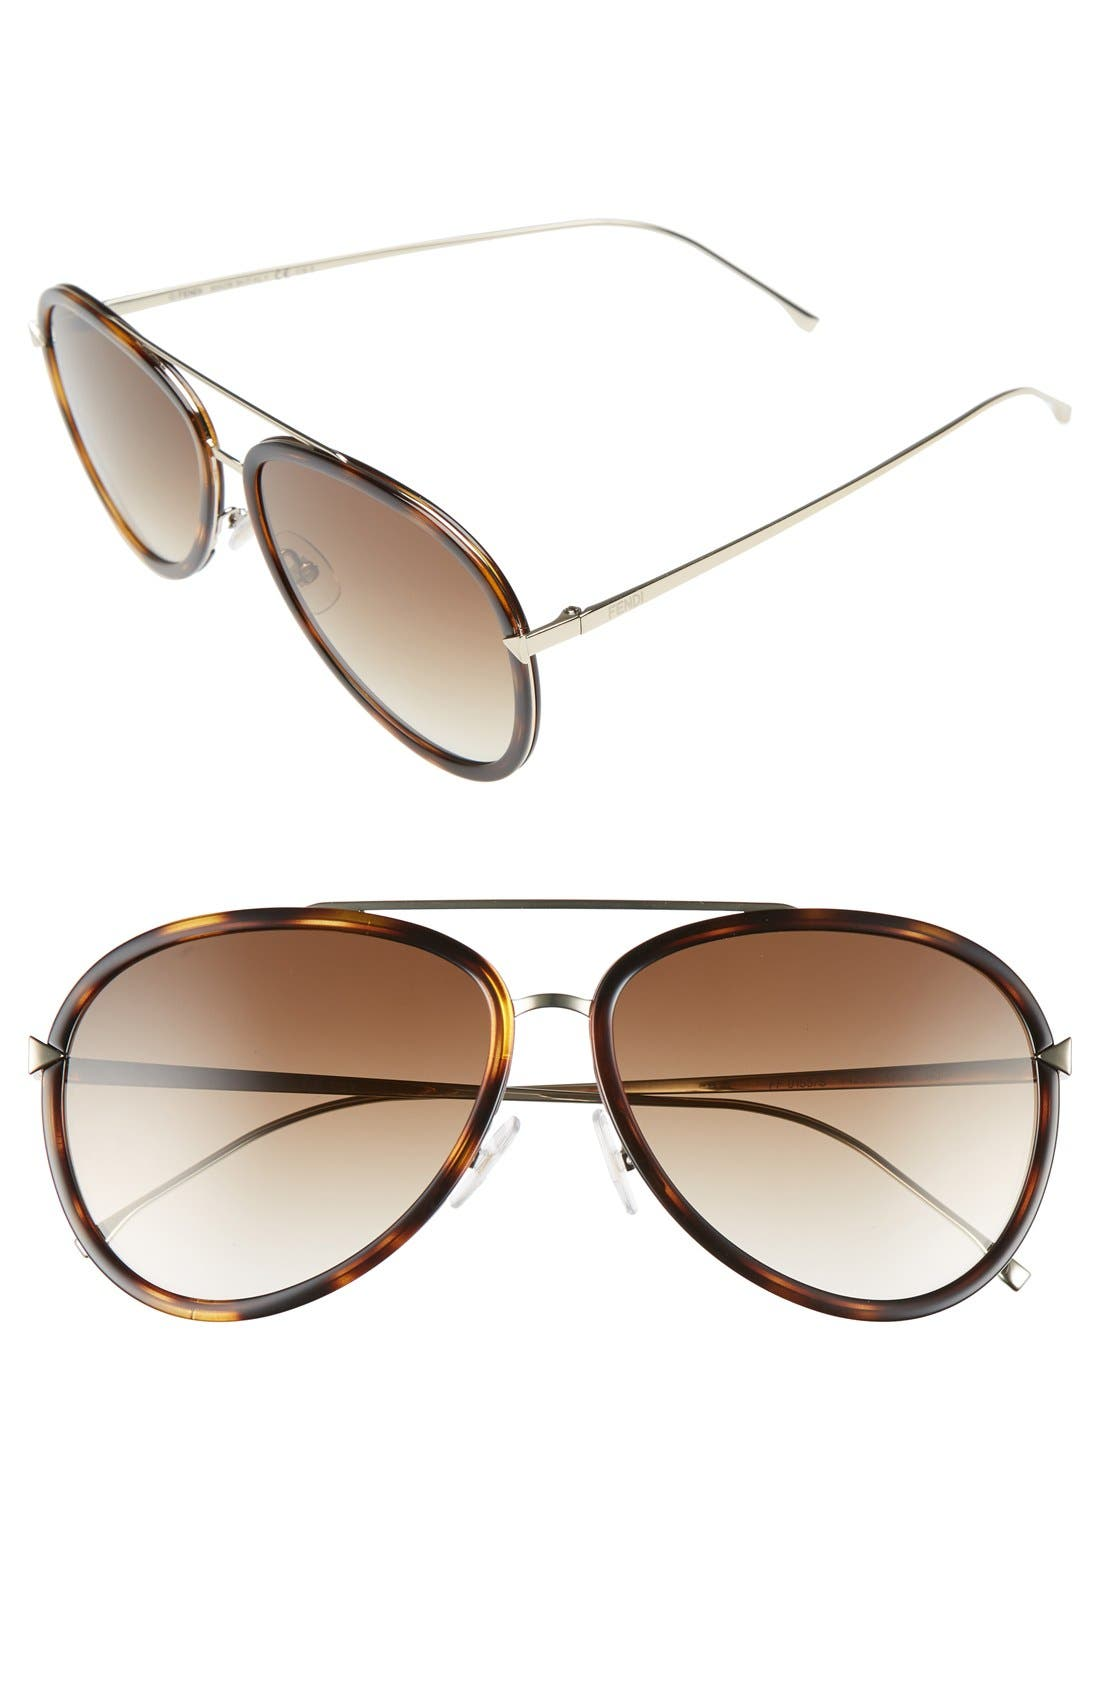 Main Image - Fendi 57mm Aviator Sunglasses